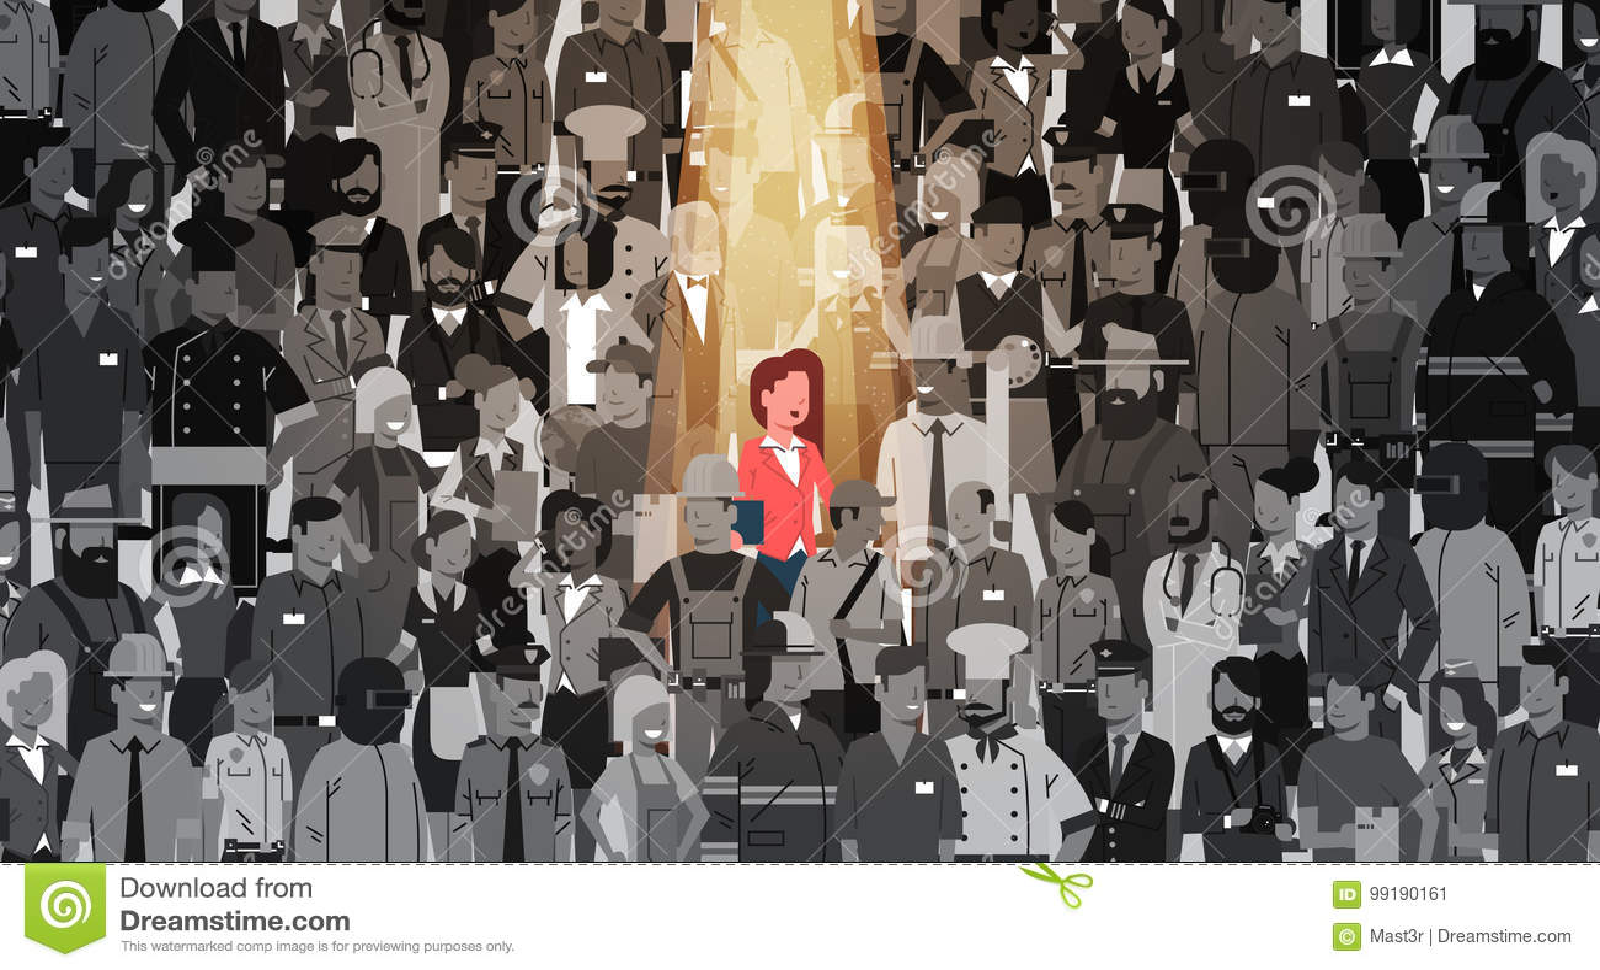 Bizneswomanu lider Stoi Out Od tłum jednostki, światła reflektorów dzierżawienia działu zasobów ludzkich kandydata grupy Rekrutac